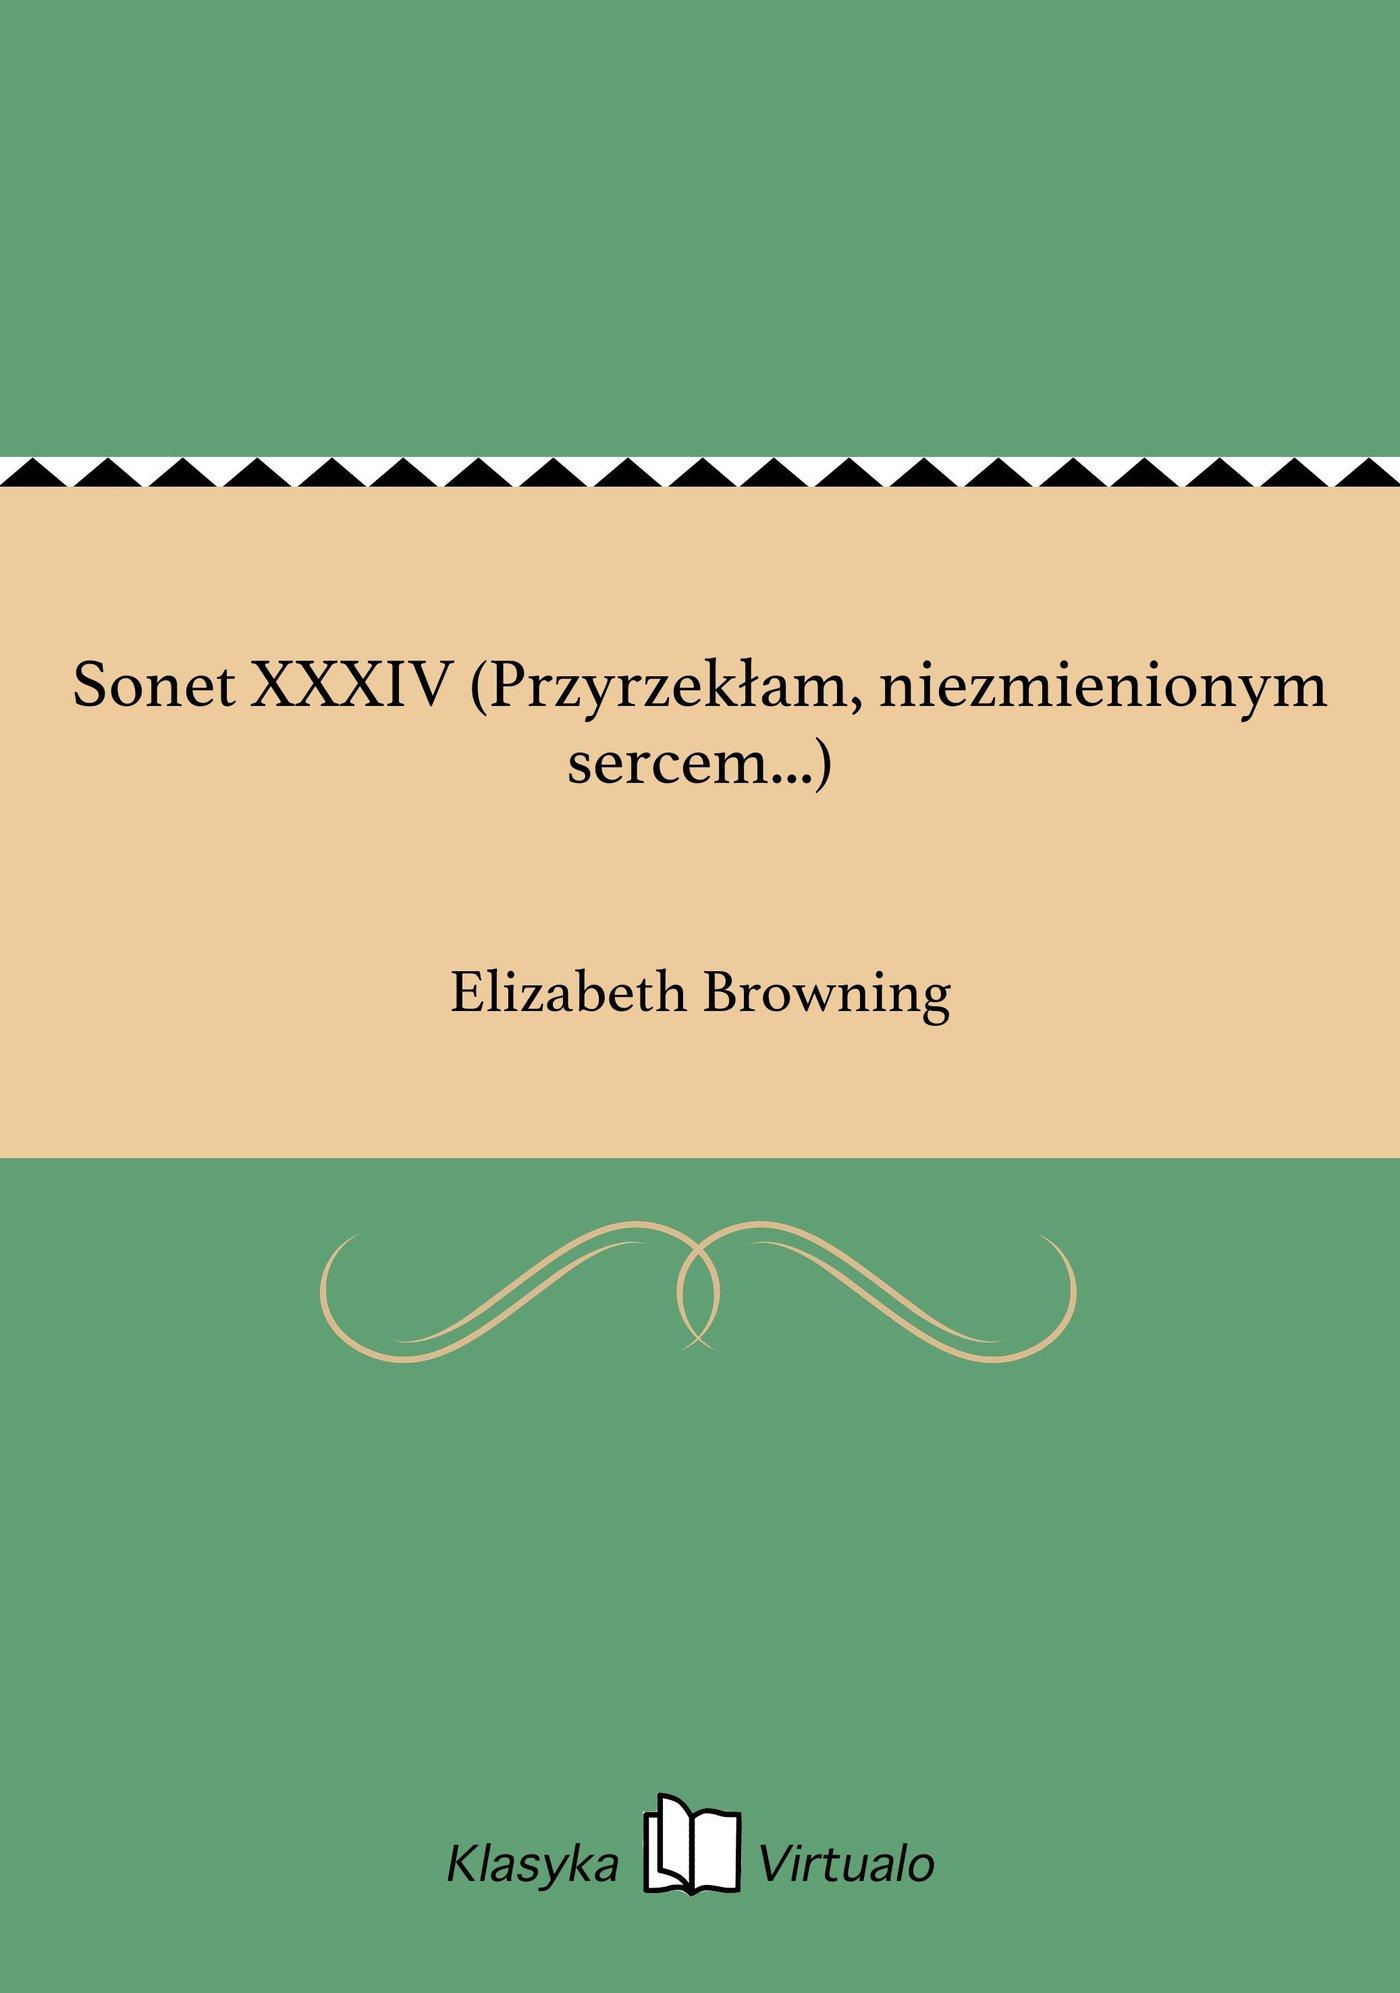 Sonet XXXIV (Przyrzekłam, niezmienionym sercem...) - Ebook (Książka EPUB) do pobrania w formacie EPUB